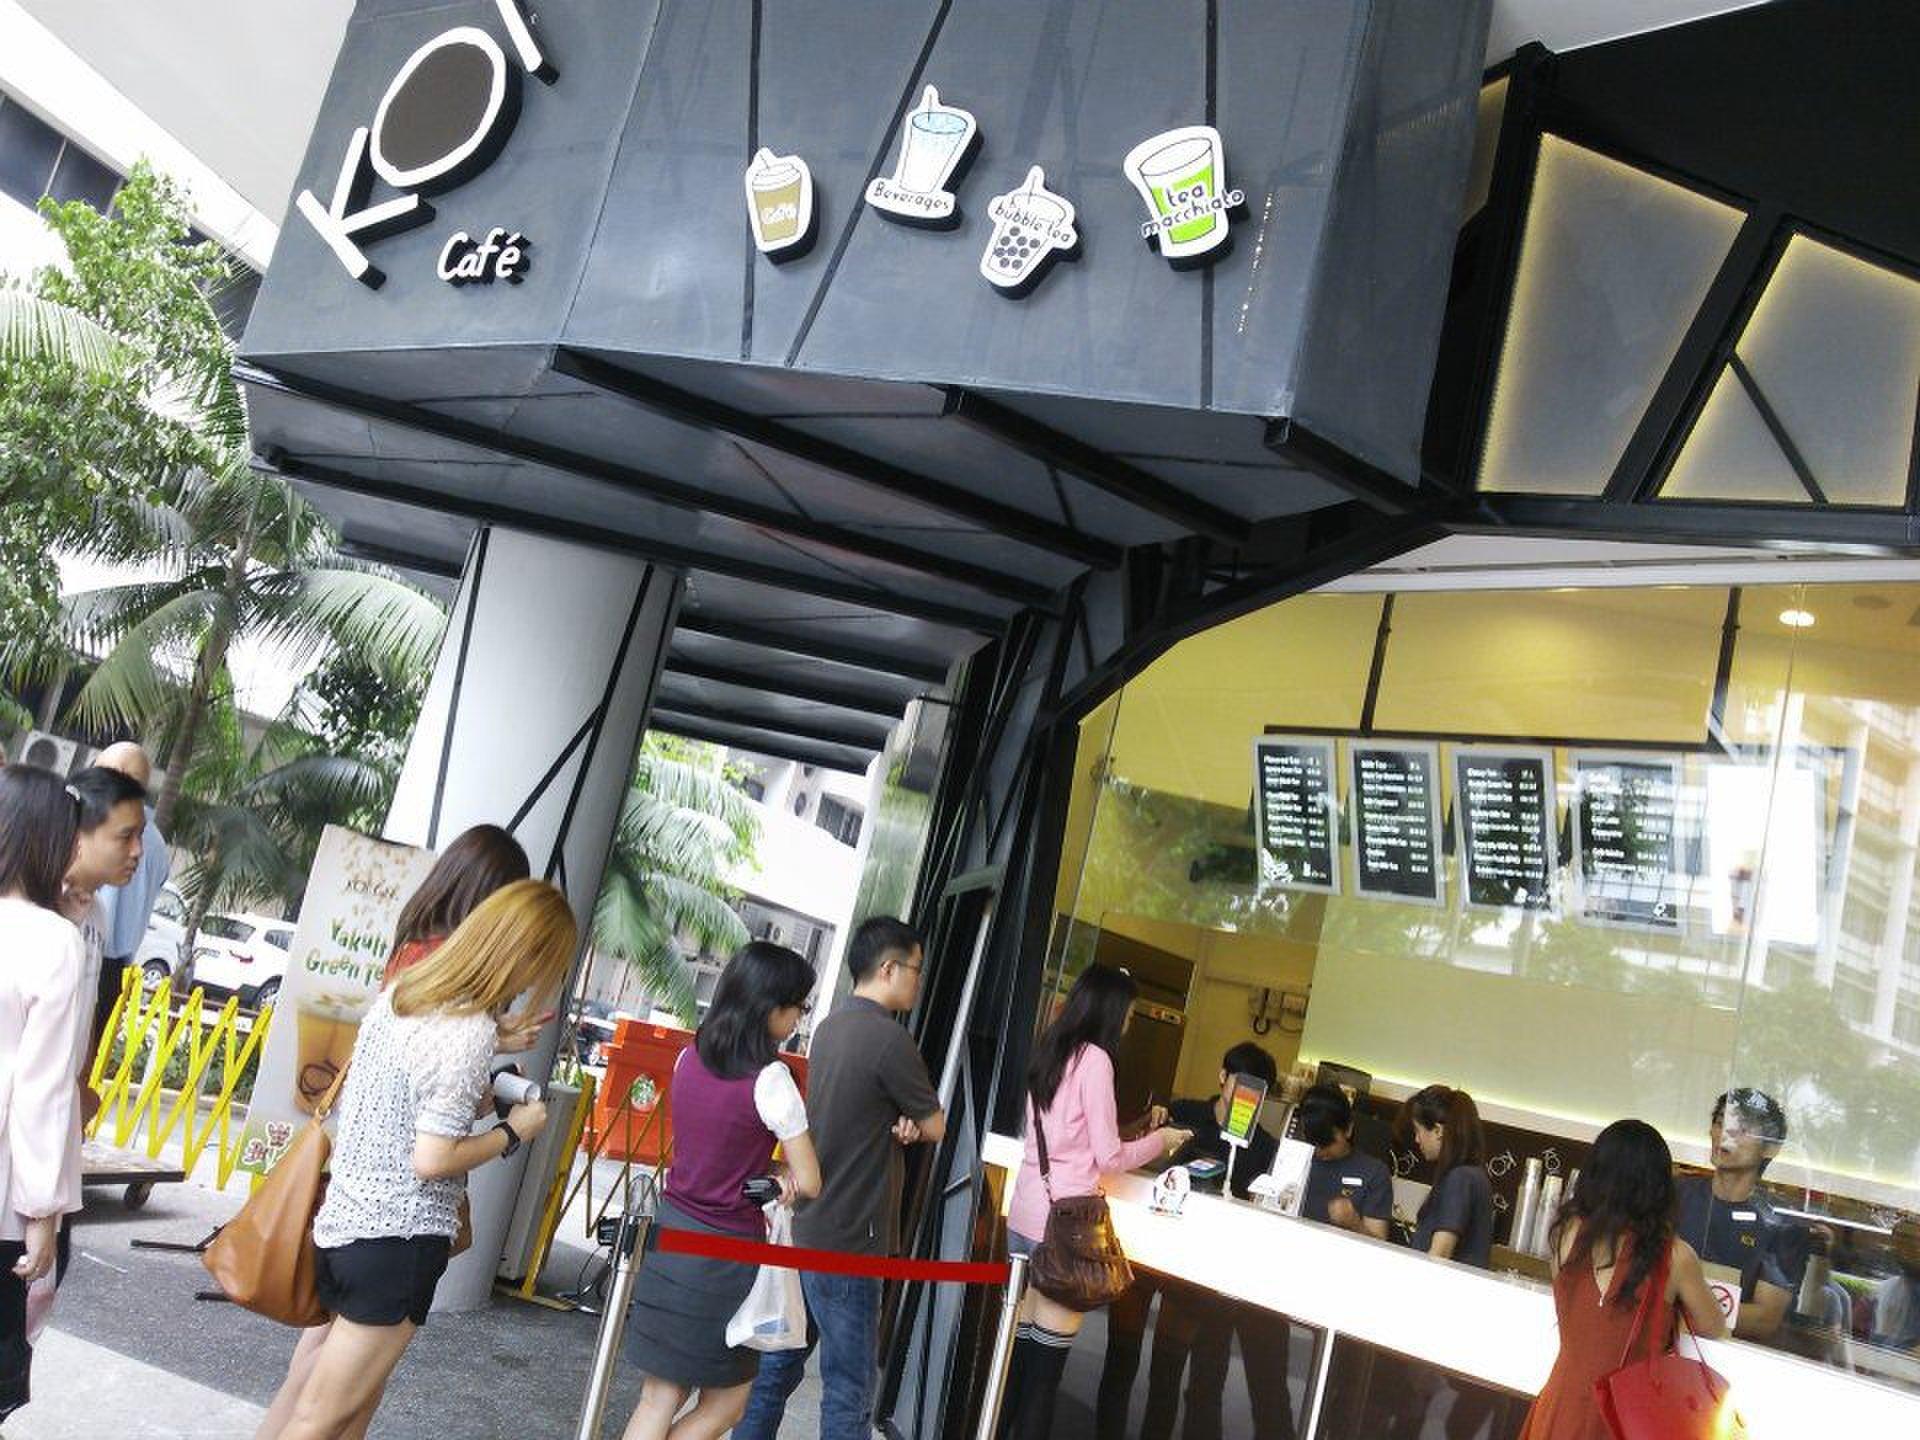 【超絶オススメ】シンガポールに来たら絶対飲んでほしいドリンク「KOI Cafe」